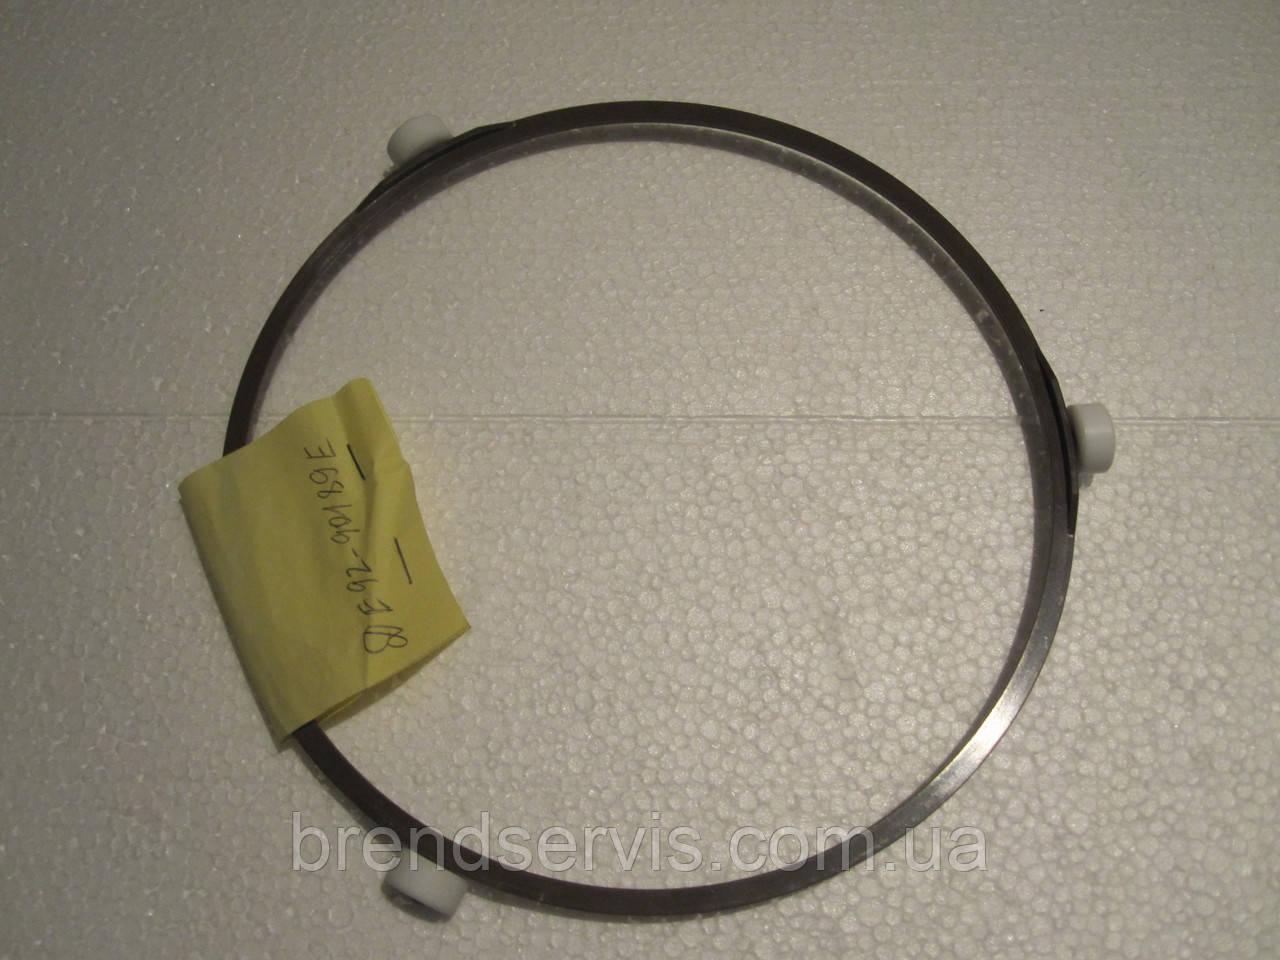 Направляющие кольцо для микроволновки Samsung